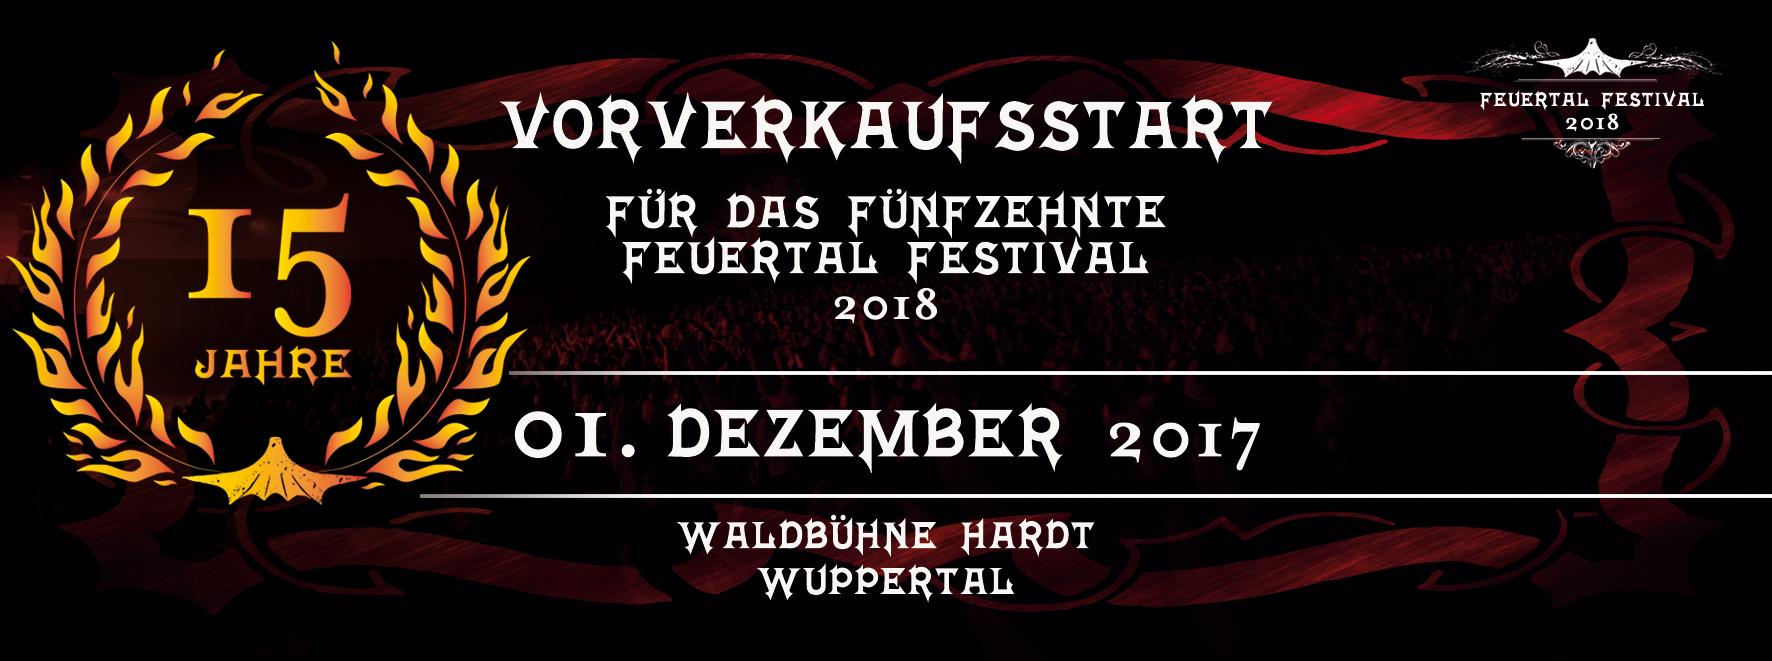 programm waldbühne 2018